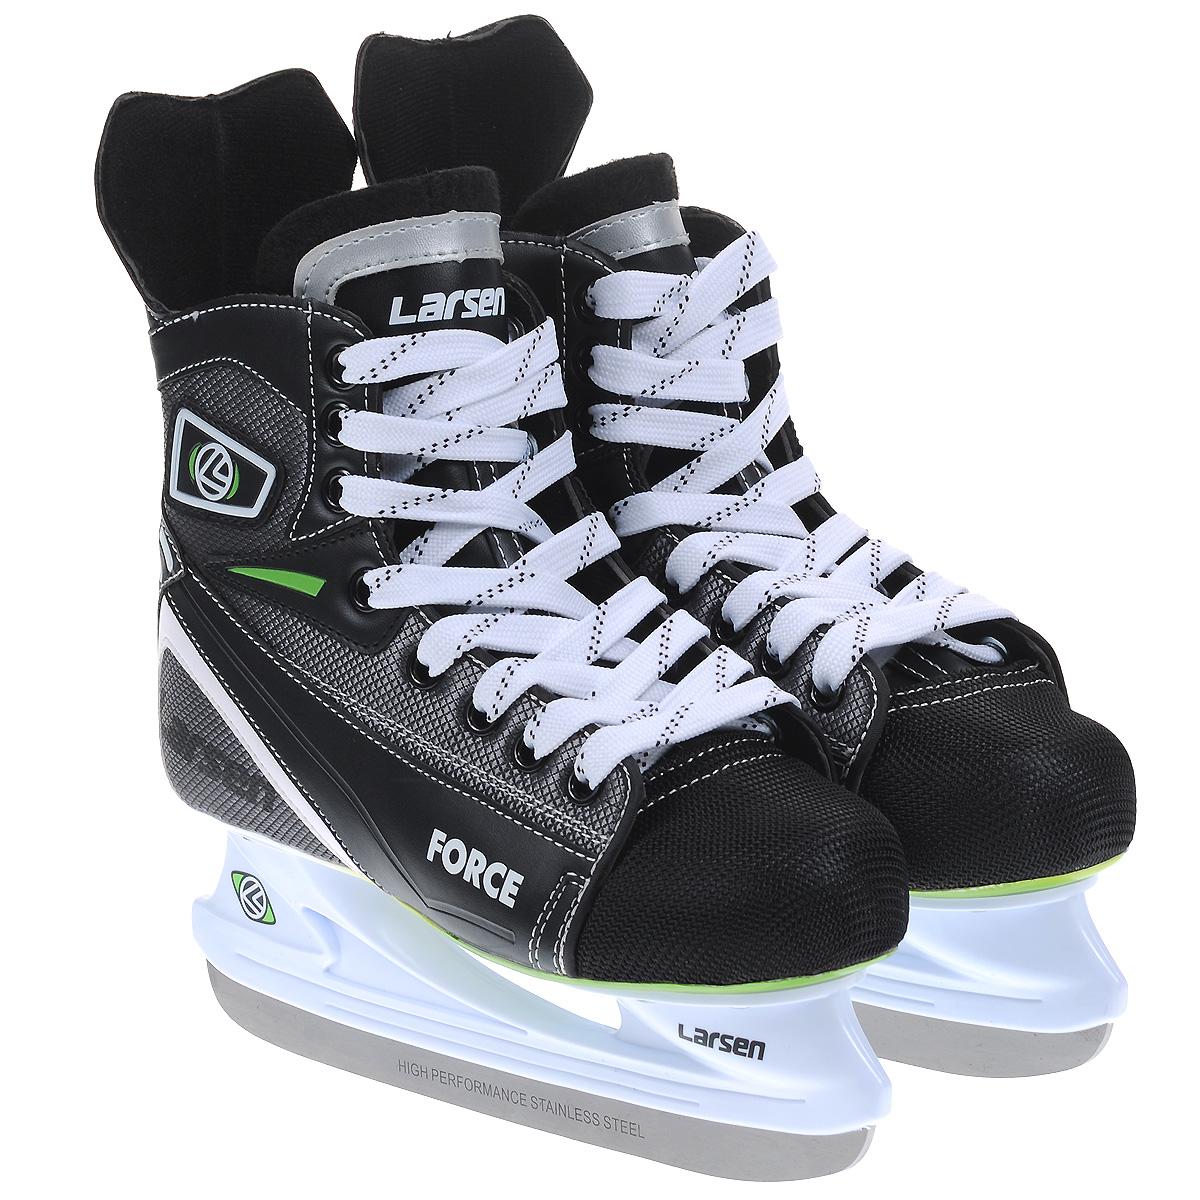 Коньки хоккейные Larsen Force, цвет: черный, серый. Размер 43ForceХоккейные коньки Force от Larsen прекрасно подойдут для начинающих игроков в хоккей. Ботинок выполнен из морозоустойчивого поливинилхлорида, мыс - из полипропилена, который защитит ноги от ударов, покрытого сетчатым нейлоном плотностью 800D. Внутренний слой изготовлен из мягкого материала Cambrelle, который обеспечит тепло и комфорт во время катания, язычок войлочный. Поролоновый утеплитель не позволит вашим ногам замерзнуть. Плотная шнуровка надежно фиксирует модель на ноге. Удобный суппорт голеностопа. Стелька из материала EVA обеспечит комфортное катание. Стойка выполнена из ударопрочного пластика. Лезвие из высокоуглеродистой стали жесткостью HRC 50-52 обеспечит превосходное скольжение.